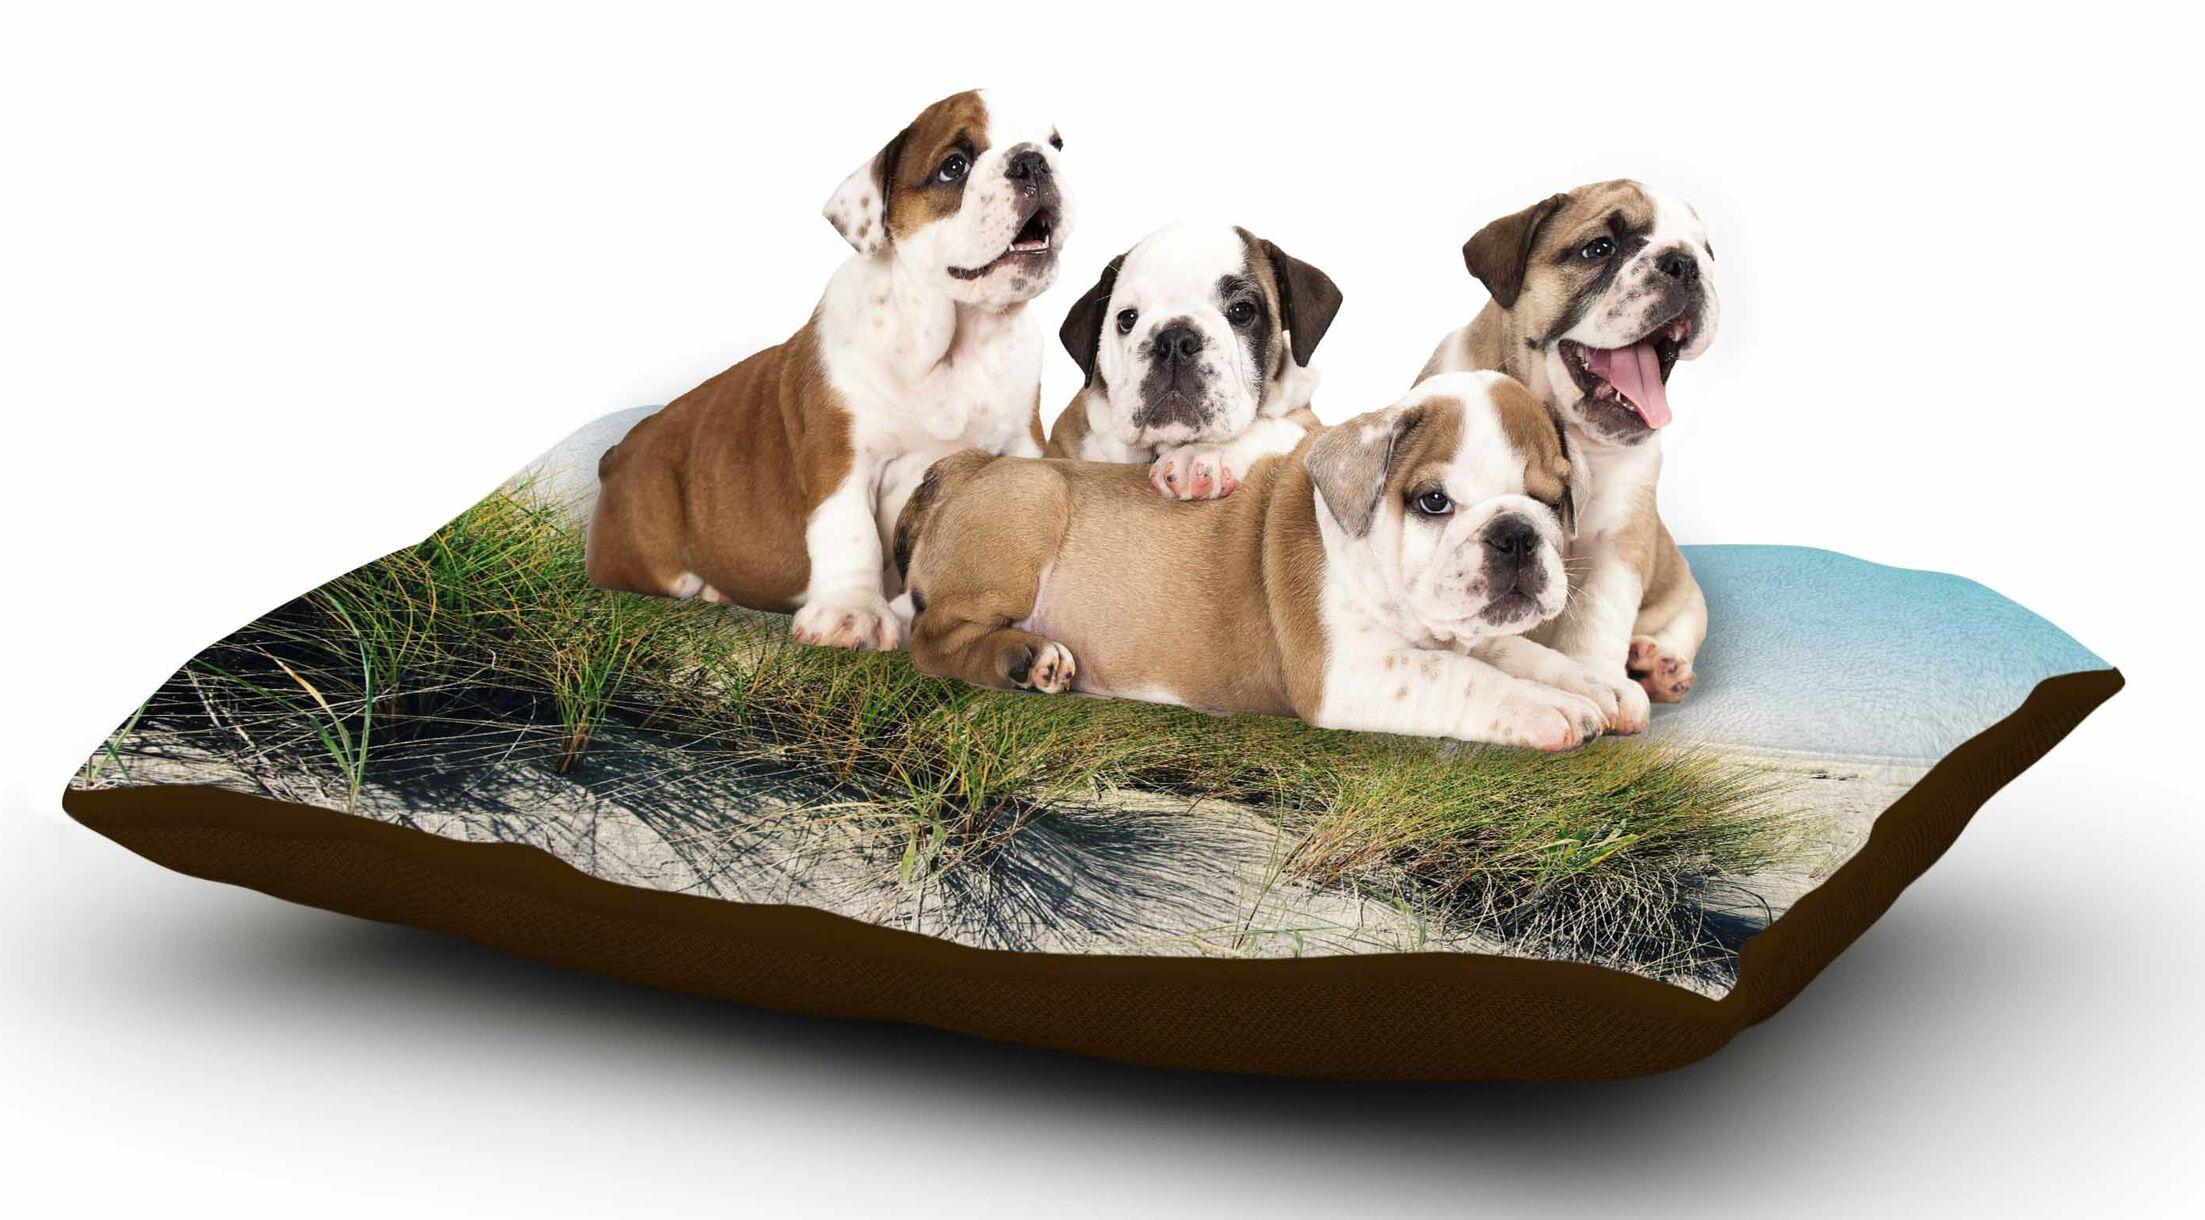 Sylvia Cook 'Dune Grass' Coastal Photography Dog Pillow with Fleece Cozy Top